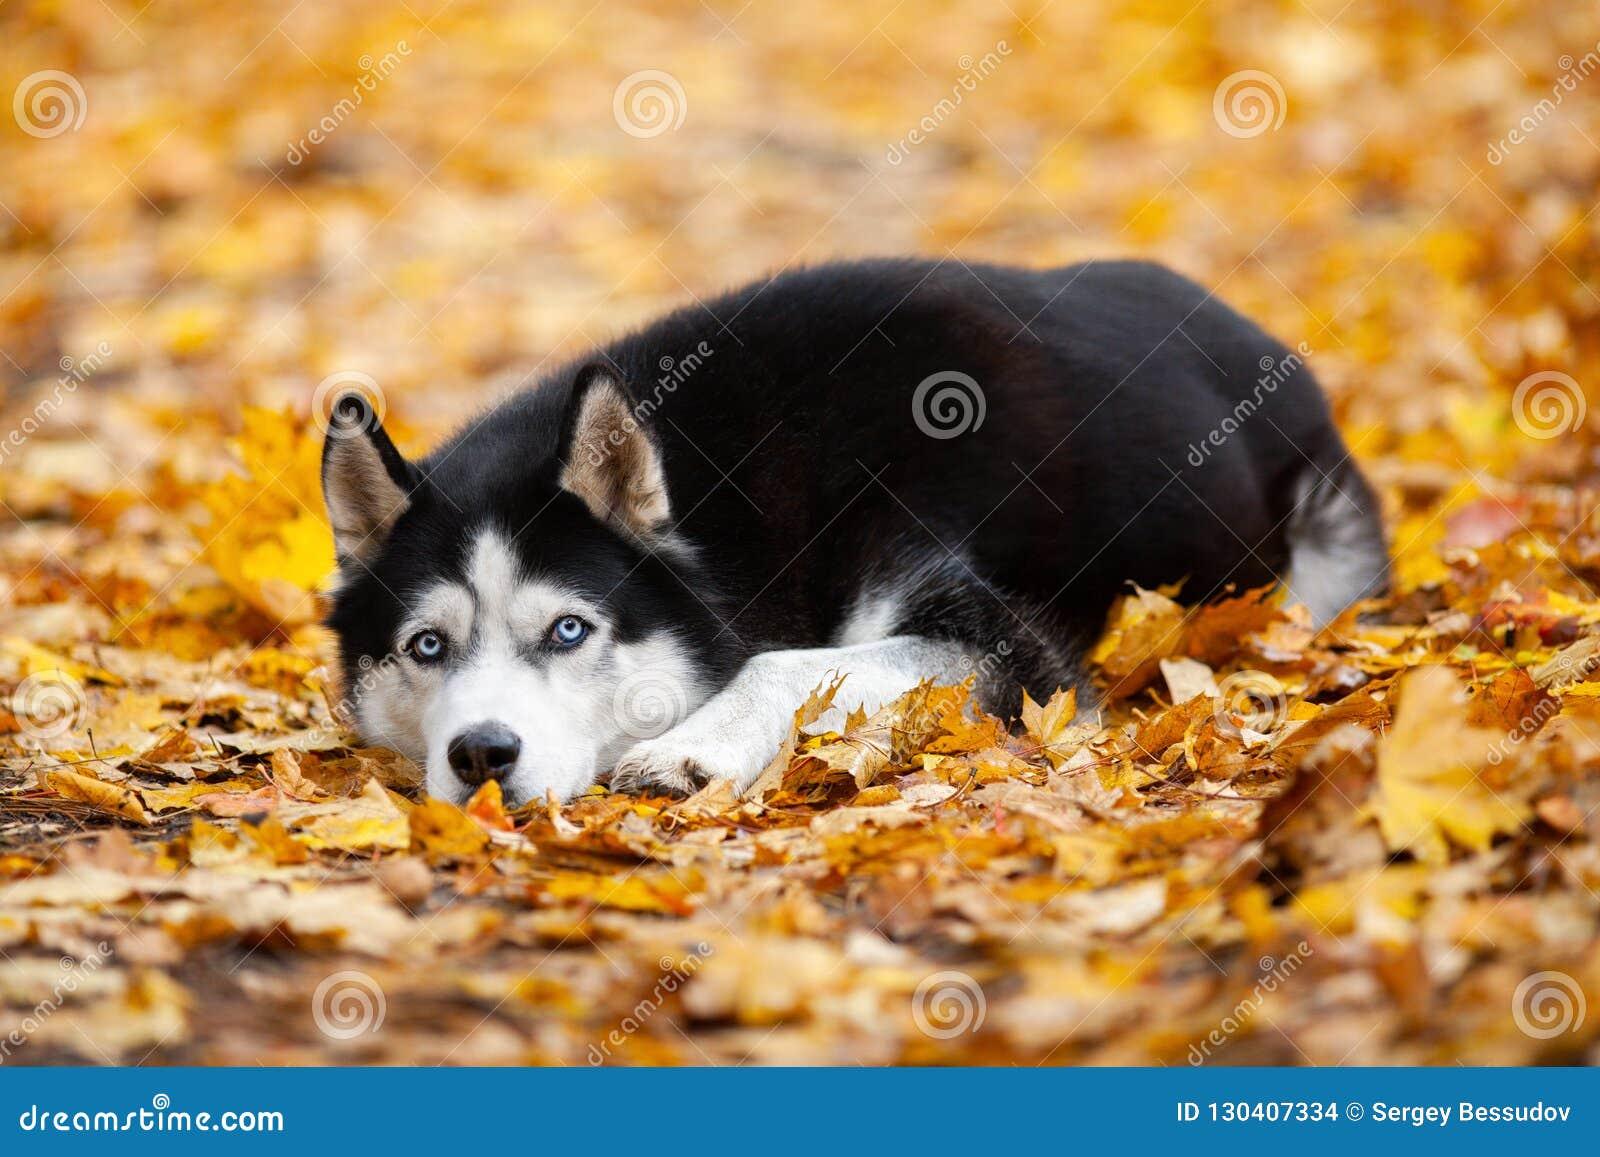 Il bello husky siberiano favorito in bianco e nero si trova nelle foglie di autunno gialle Cane allegro di autunno